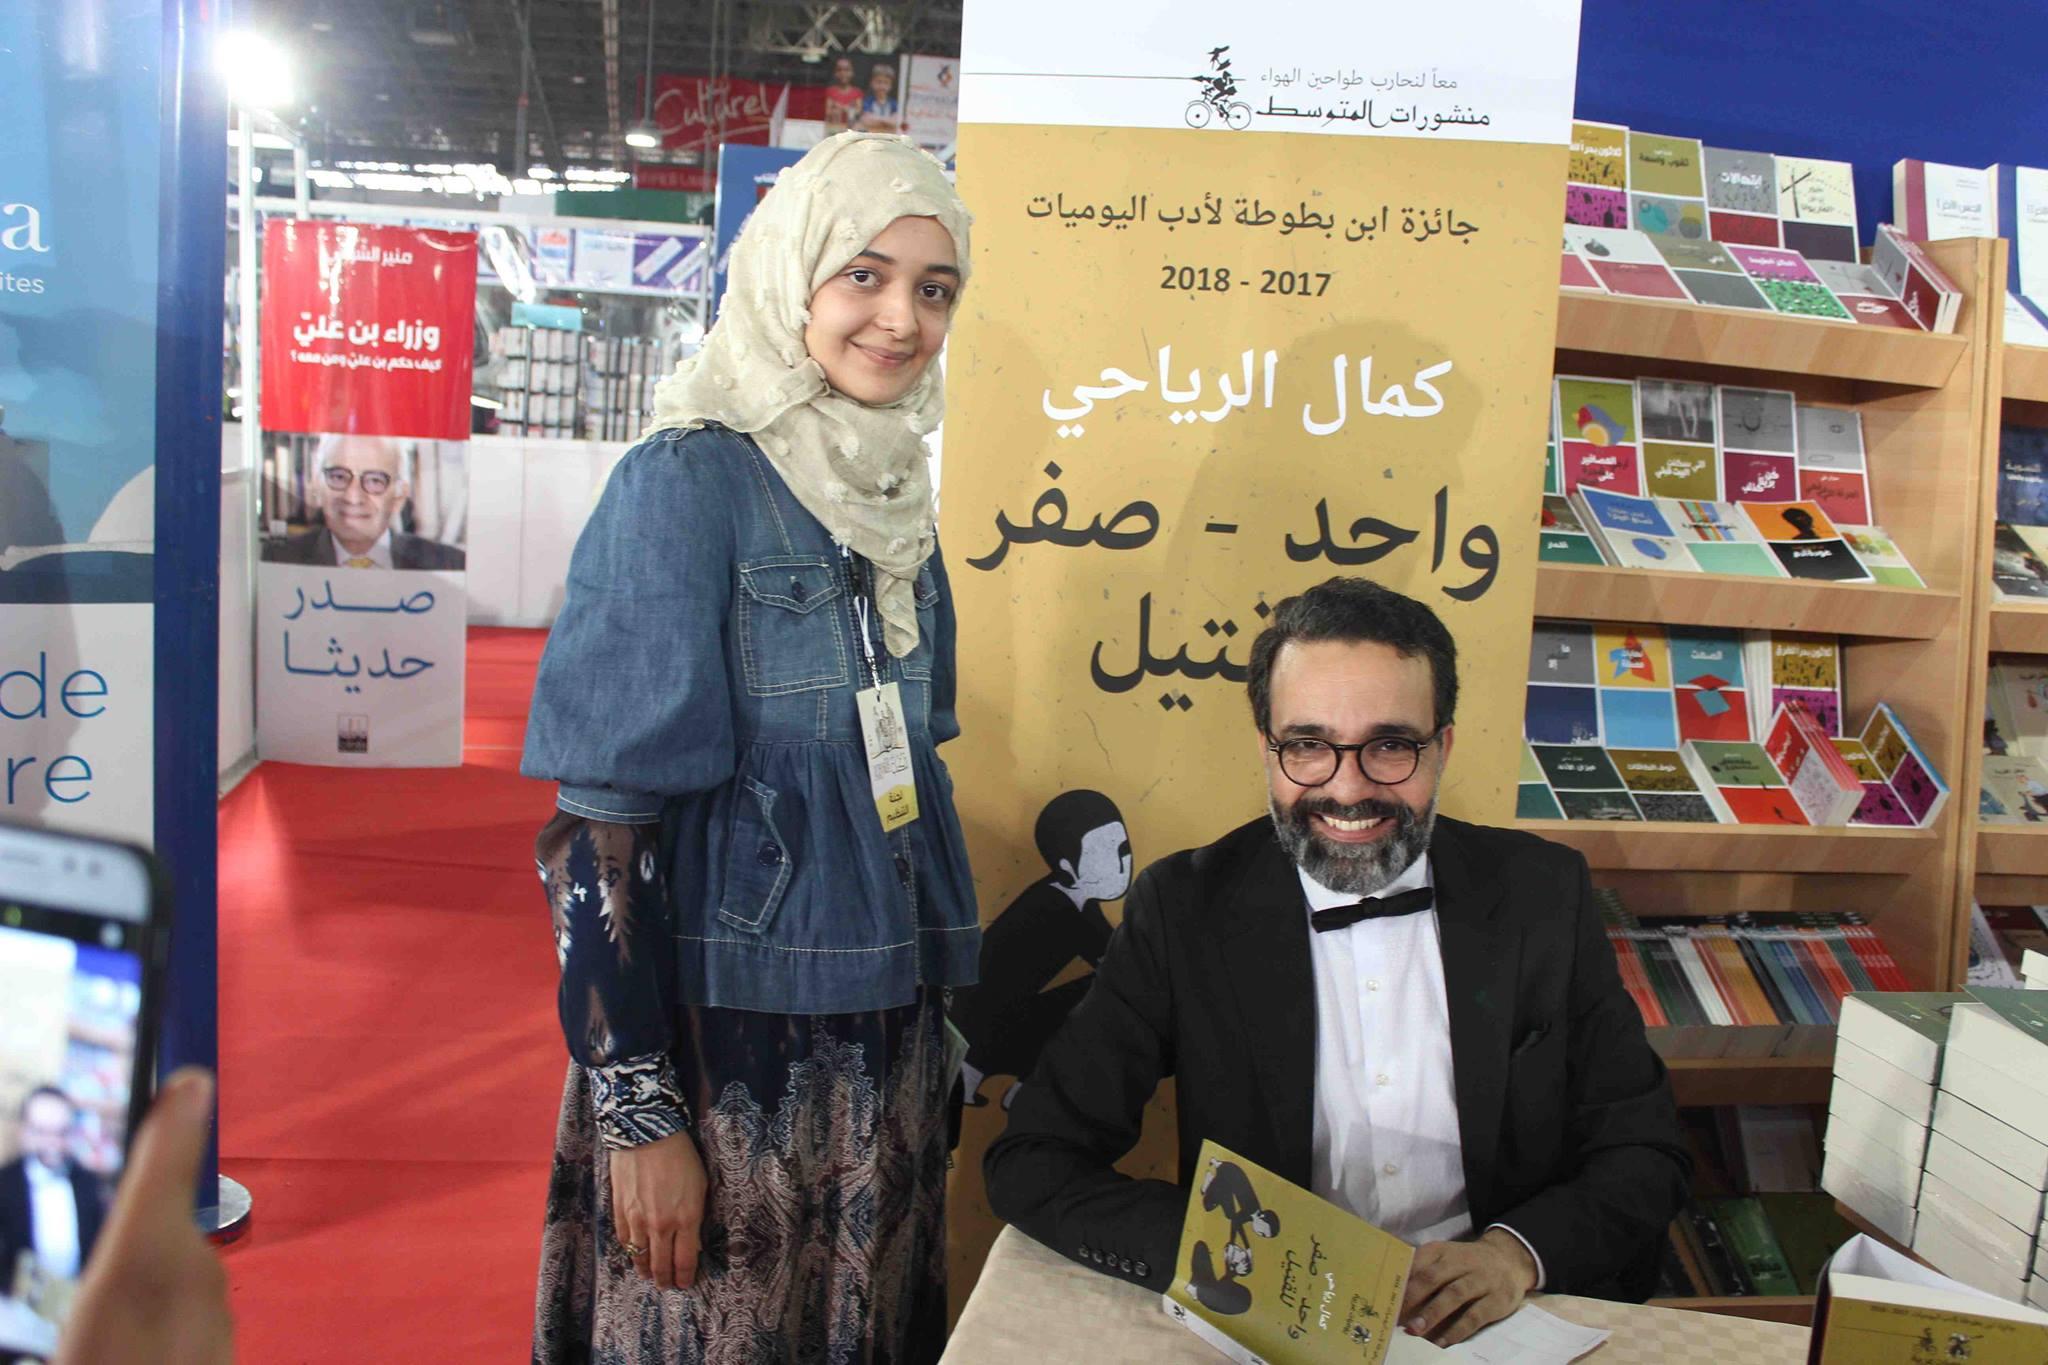 كمال الرياحى يوقع كتابه واحد صفر للقتيل الفائز بجائزة ابن بطوطة فى معرض تونس (25)